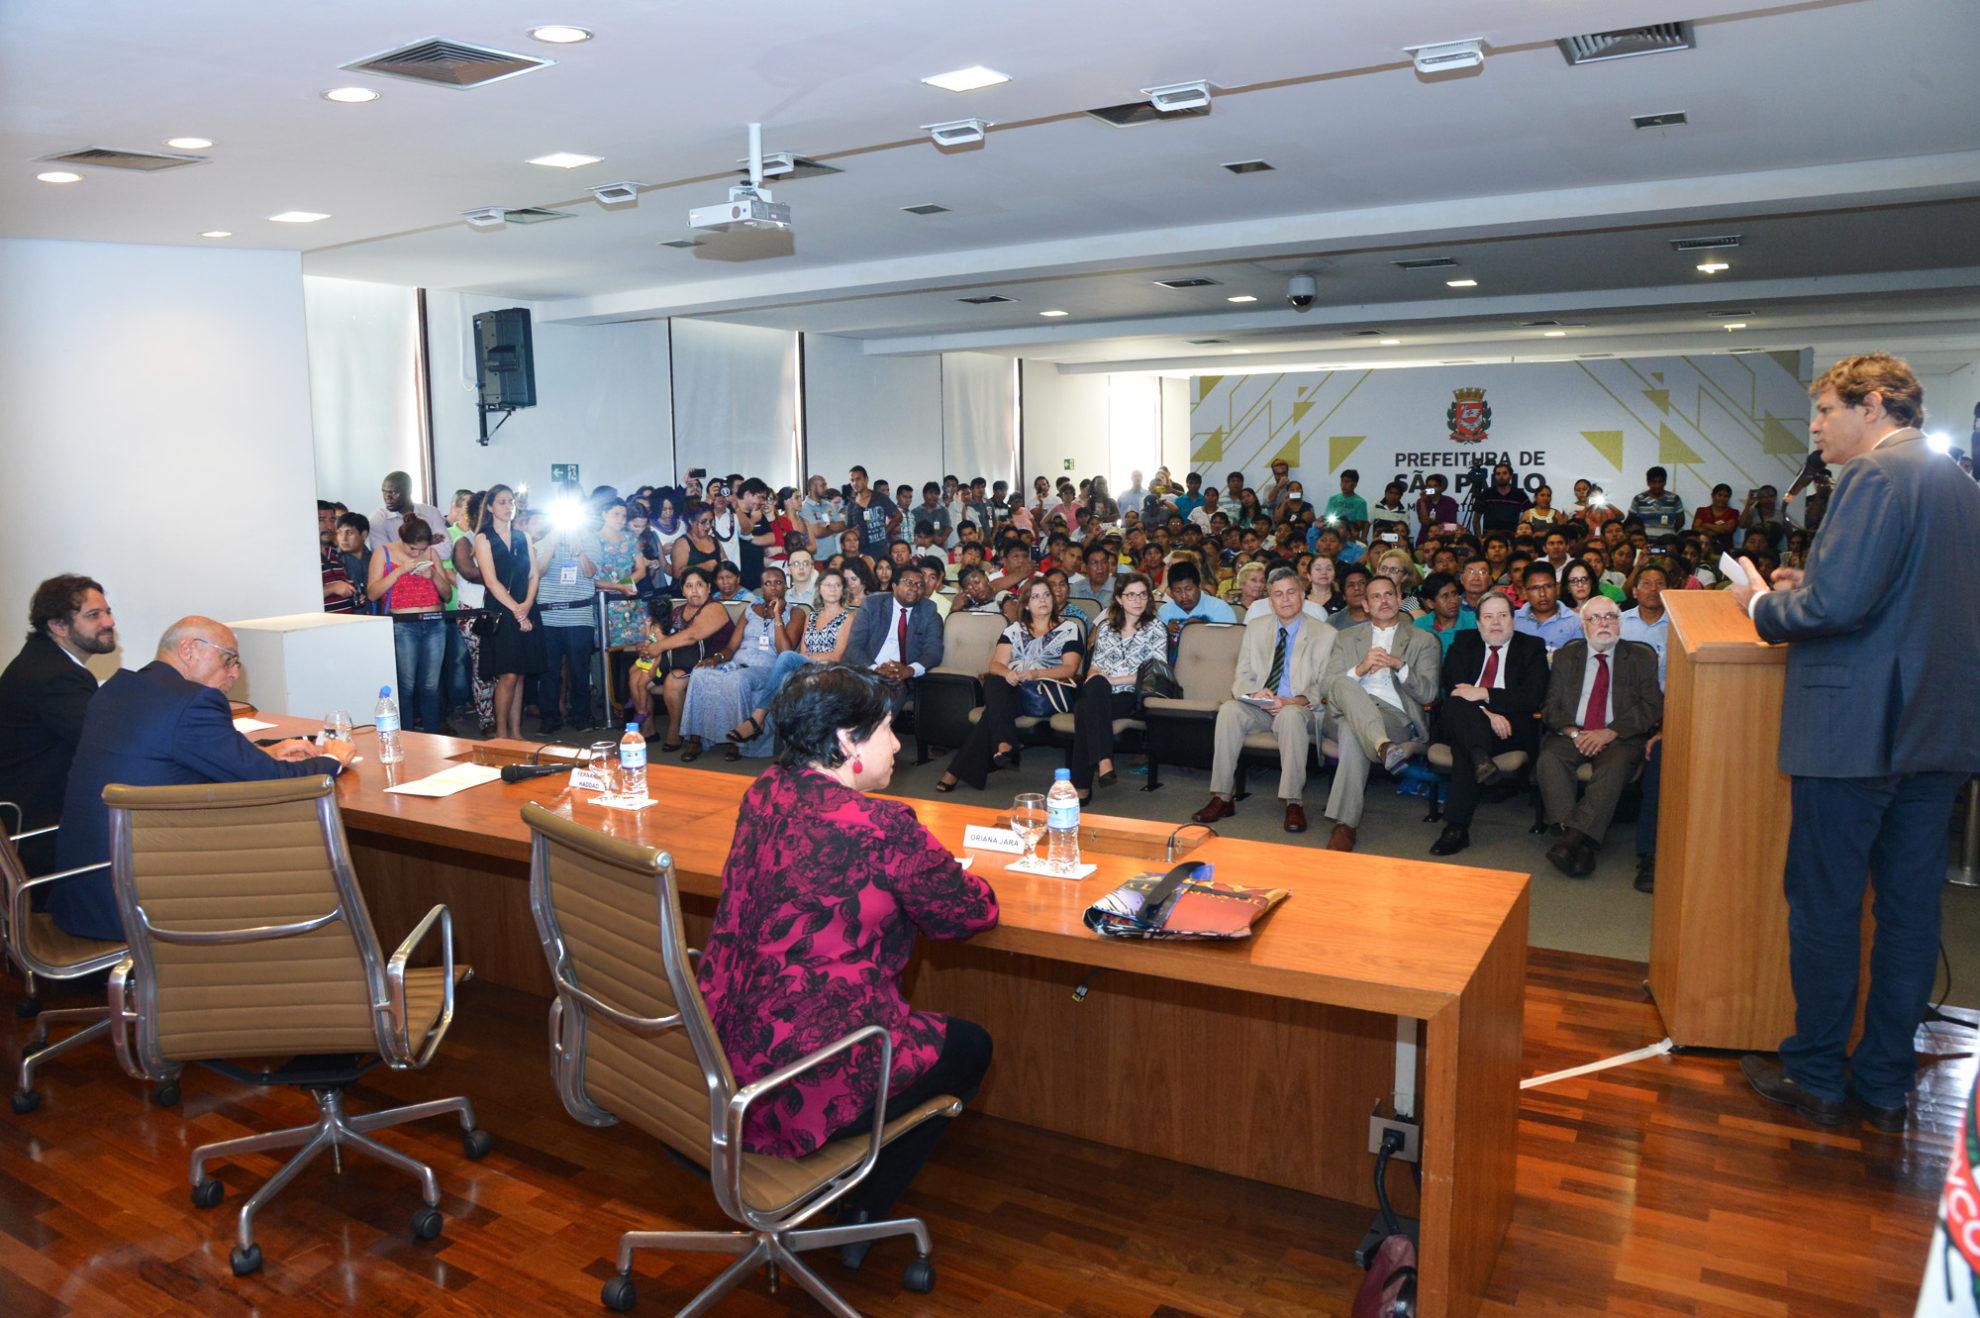 Auditório na sede da Prefeitura de São Paulo ficou lotado para o ato. Crédito: Fernando Pereira/SECOM